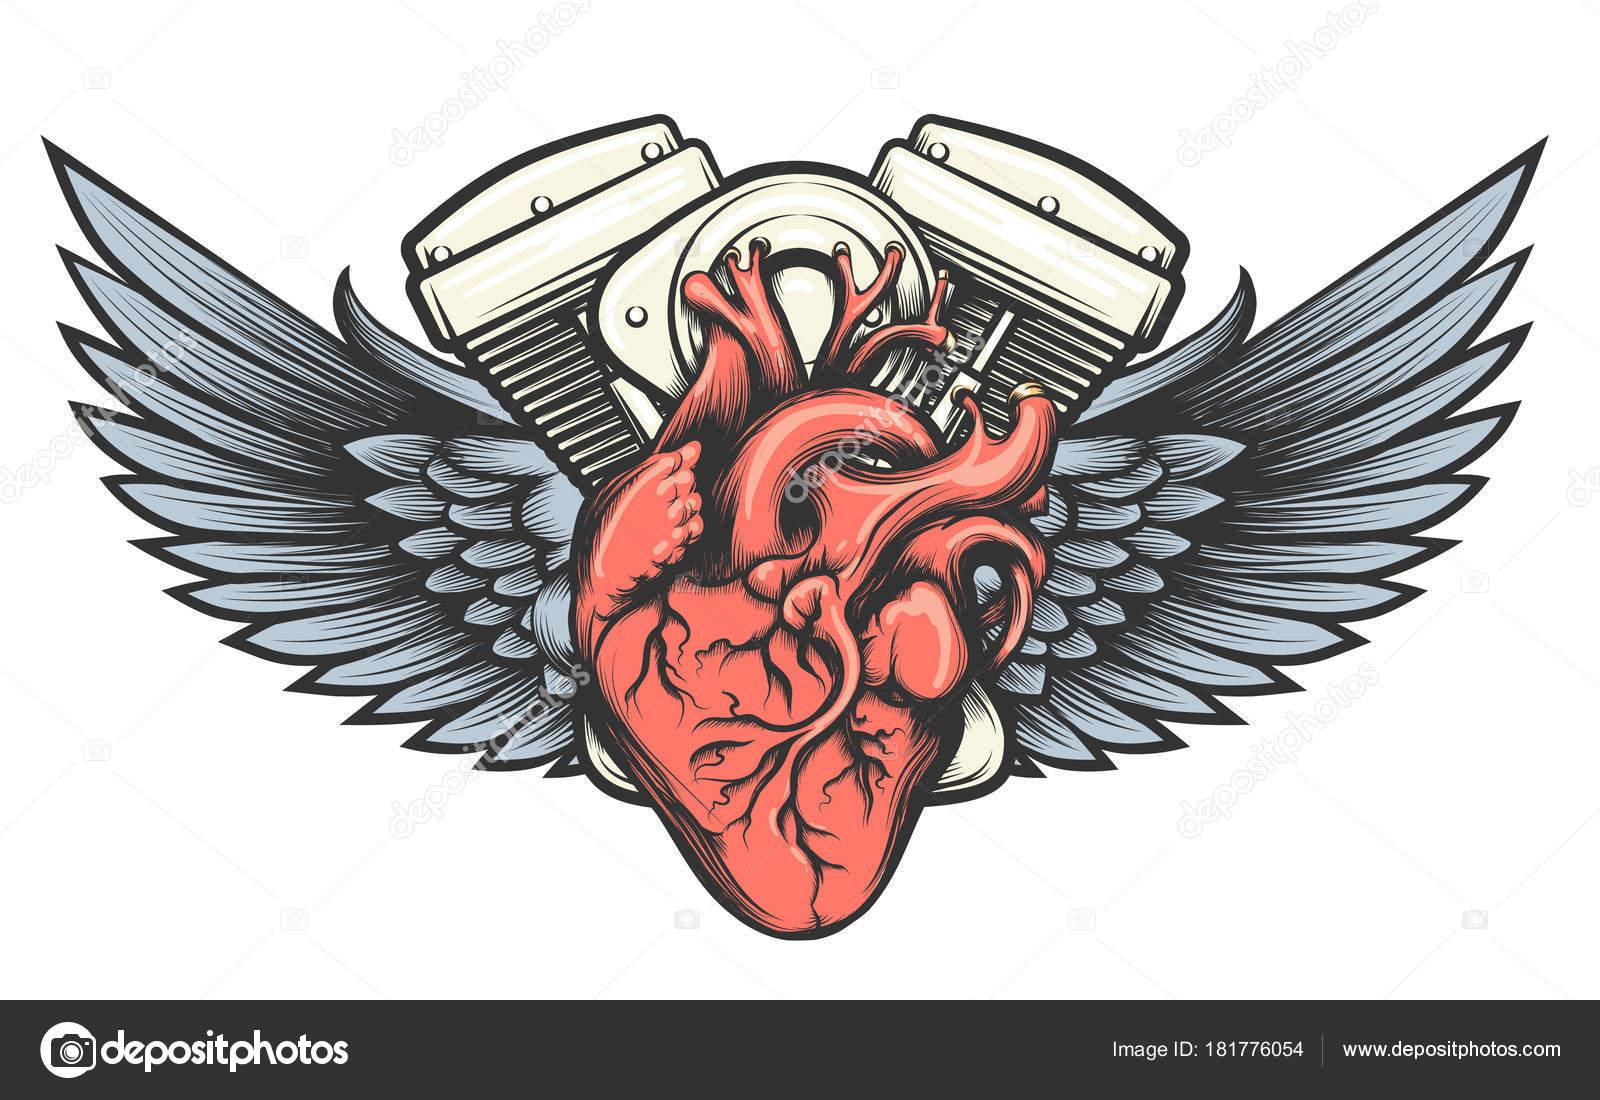 Tatouage De Coeur Moteur Image Vectorielle Bogadeva C 181776054